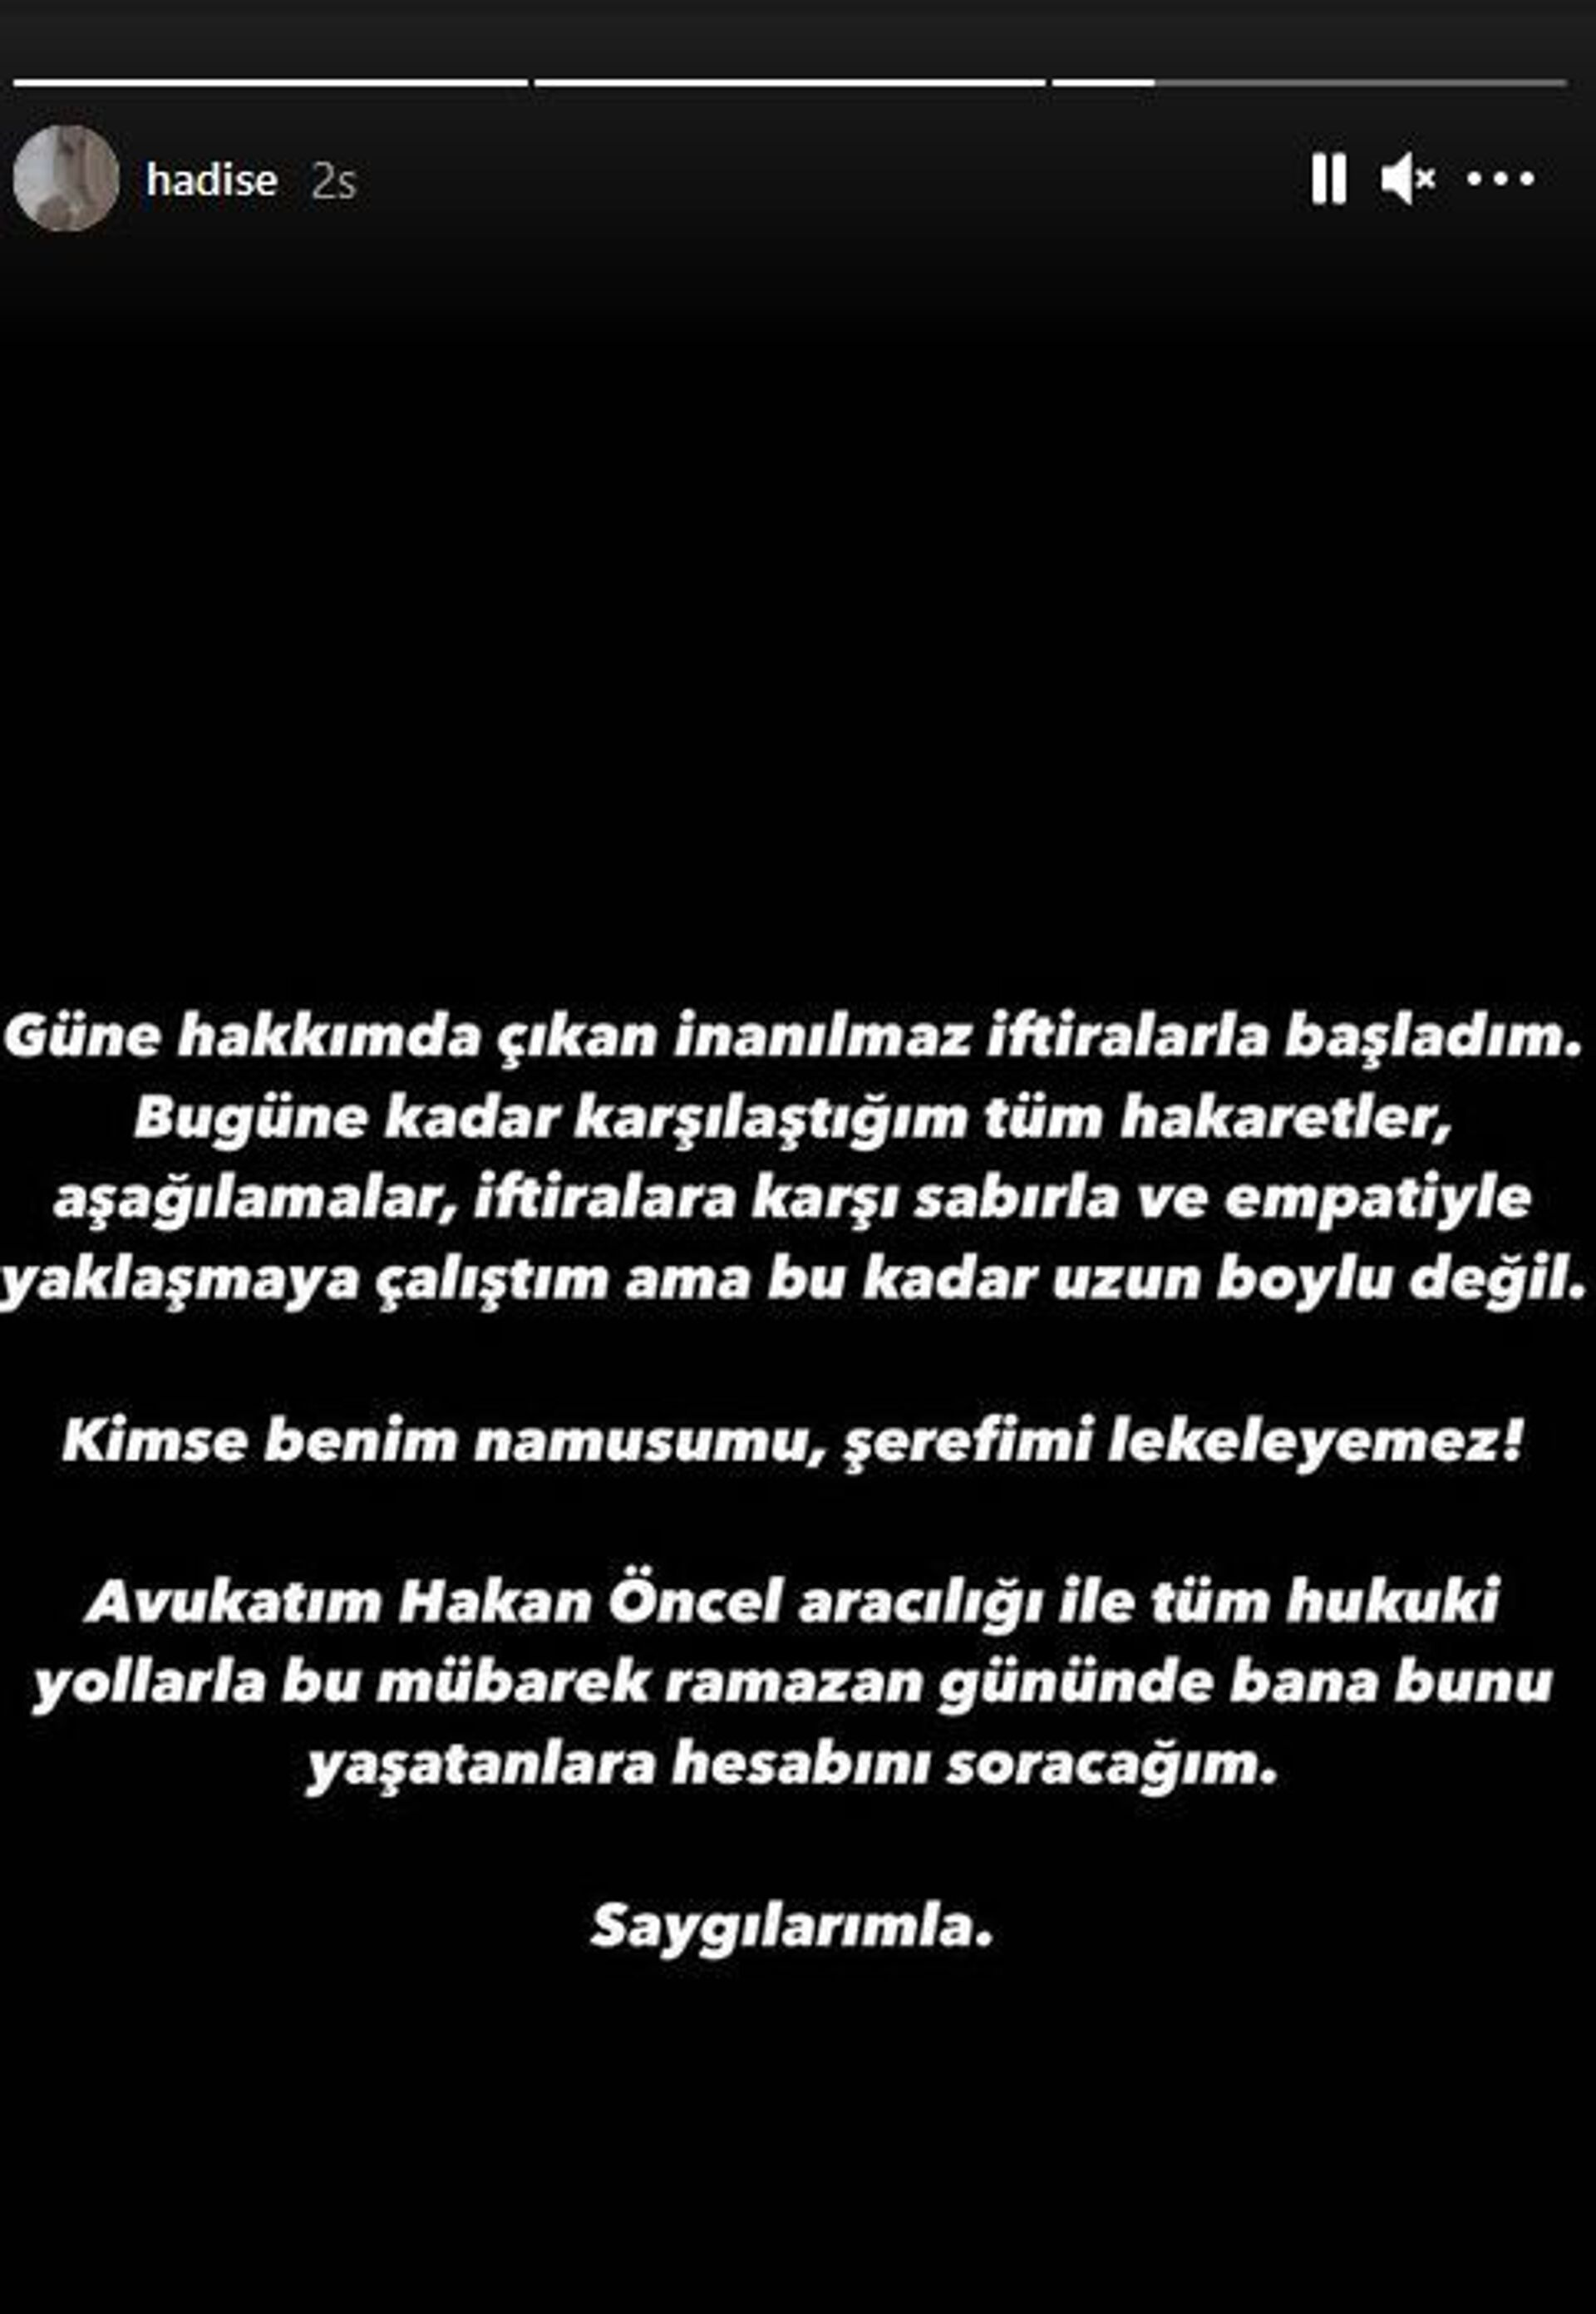 Hadise: Hesabını soracağım, kimse benim namusumu lekeleyemez - Sputnik Türkiye, 1920, 17.04.2021